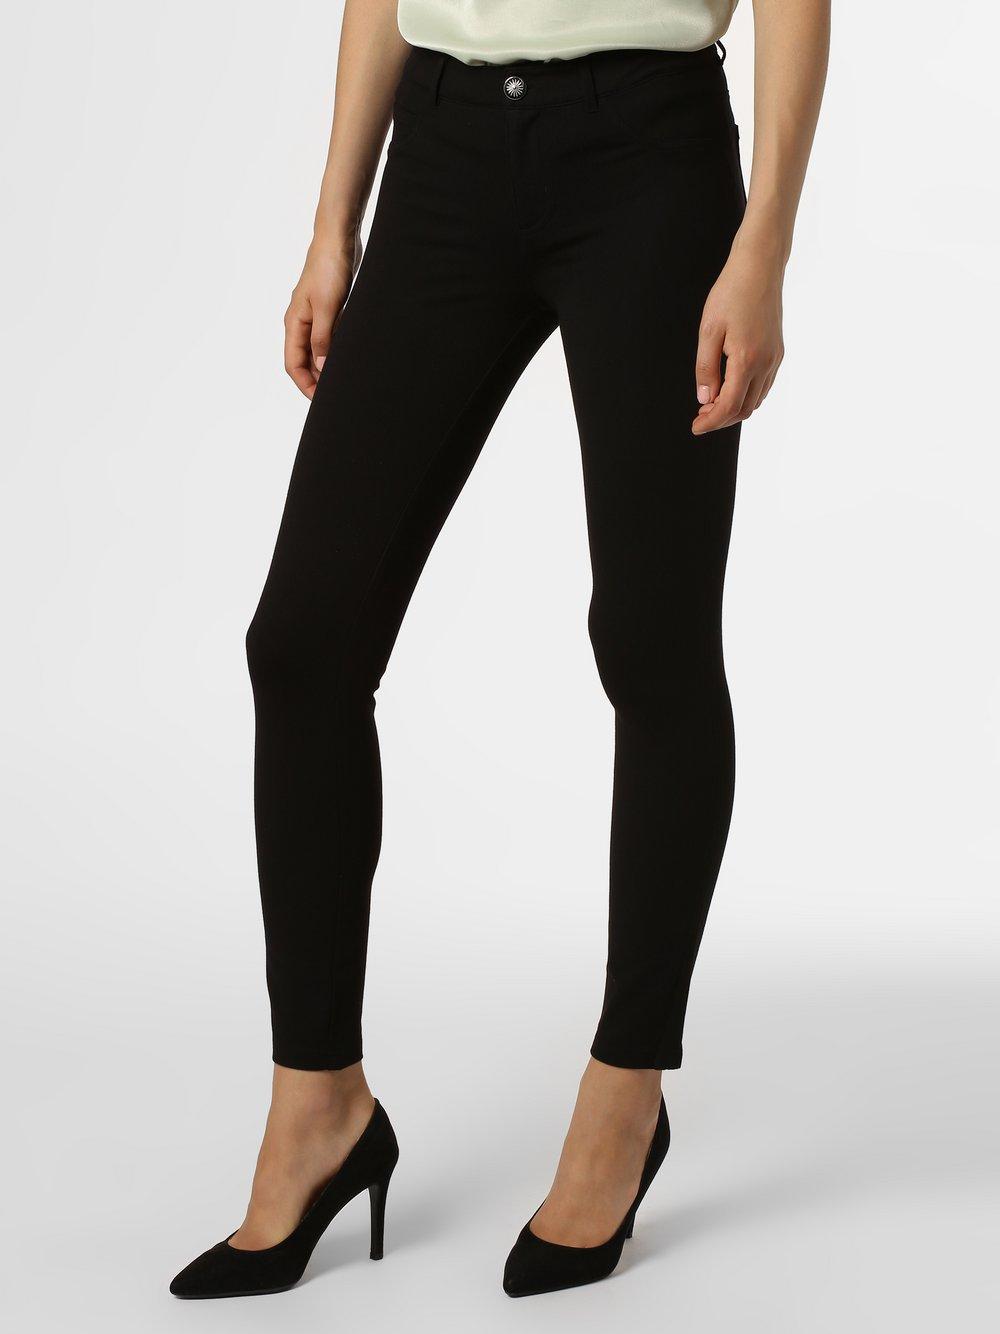 Guess Jeans - Spodnie damskie – Curve X, czarny